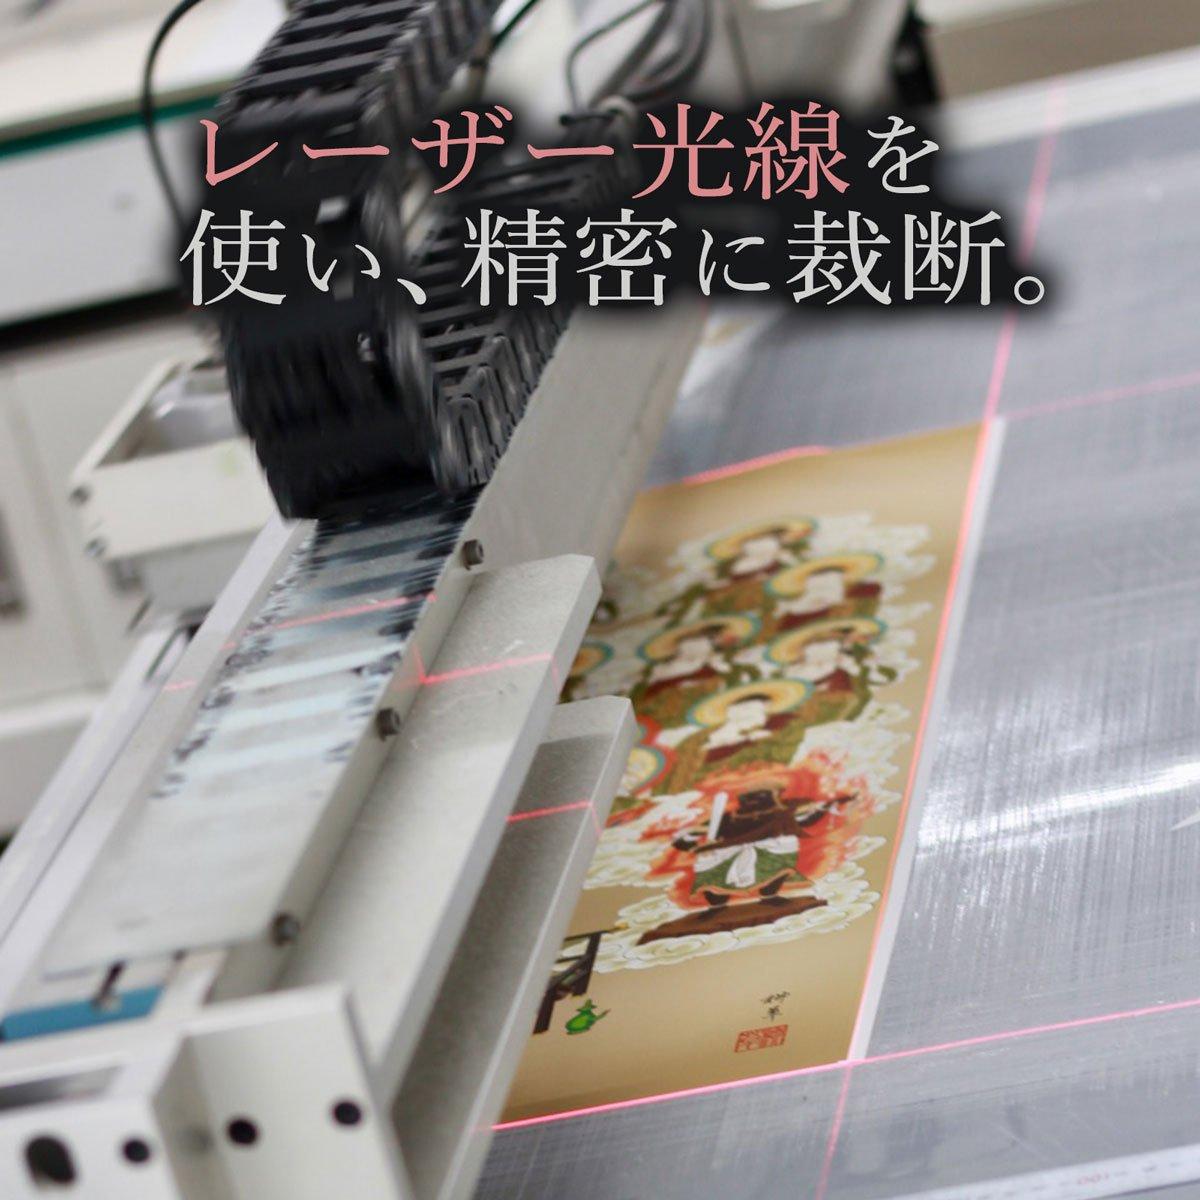 日本画 縁起画 龍虎図(りゅうこず) 長江 桂舟 手彩仕上 高精細巧芸画 Lサイズ